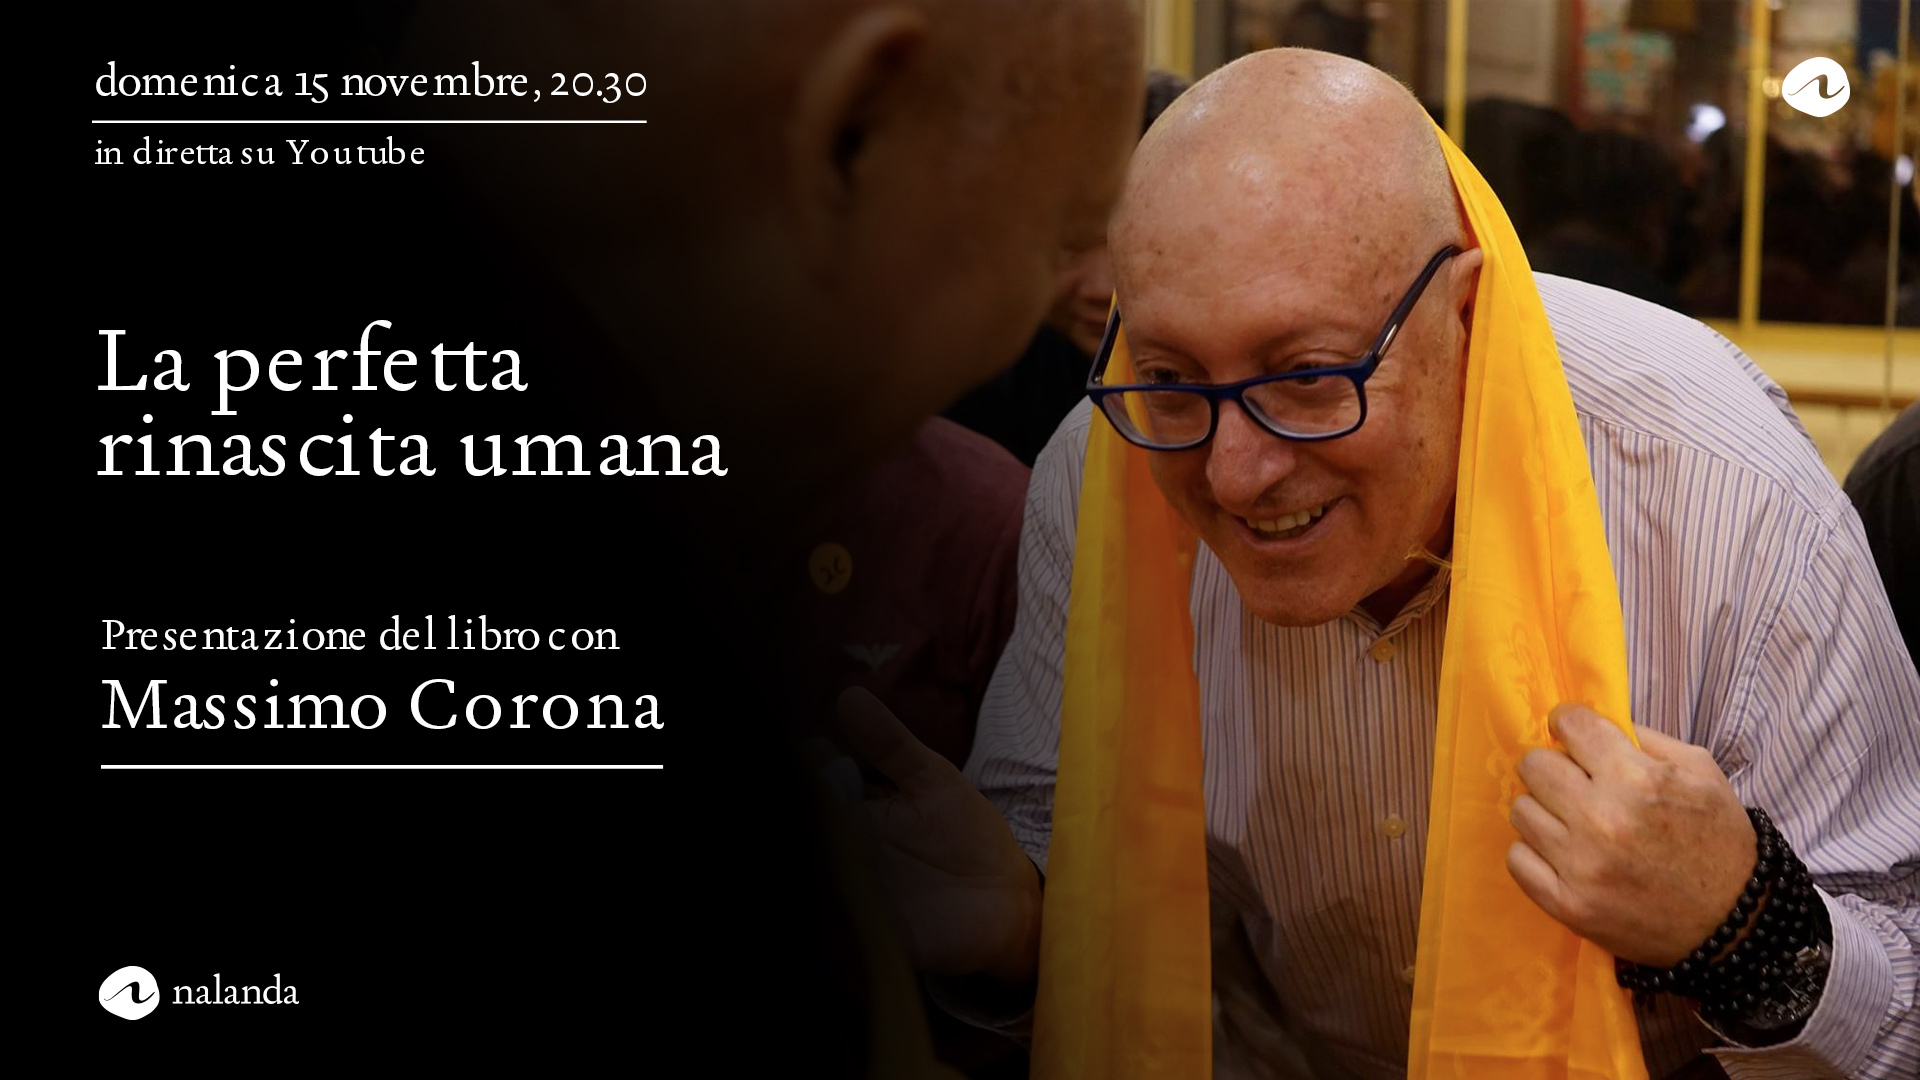 La perfetta rinascita umana, presentazione con Massimo Corona